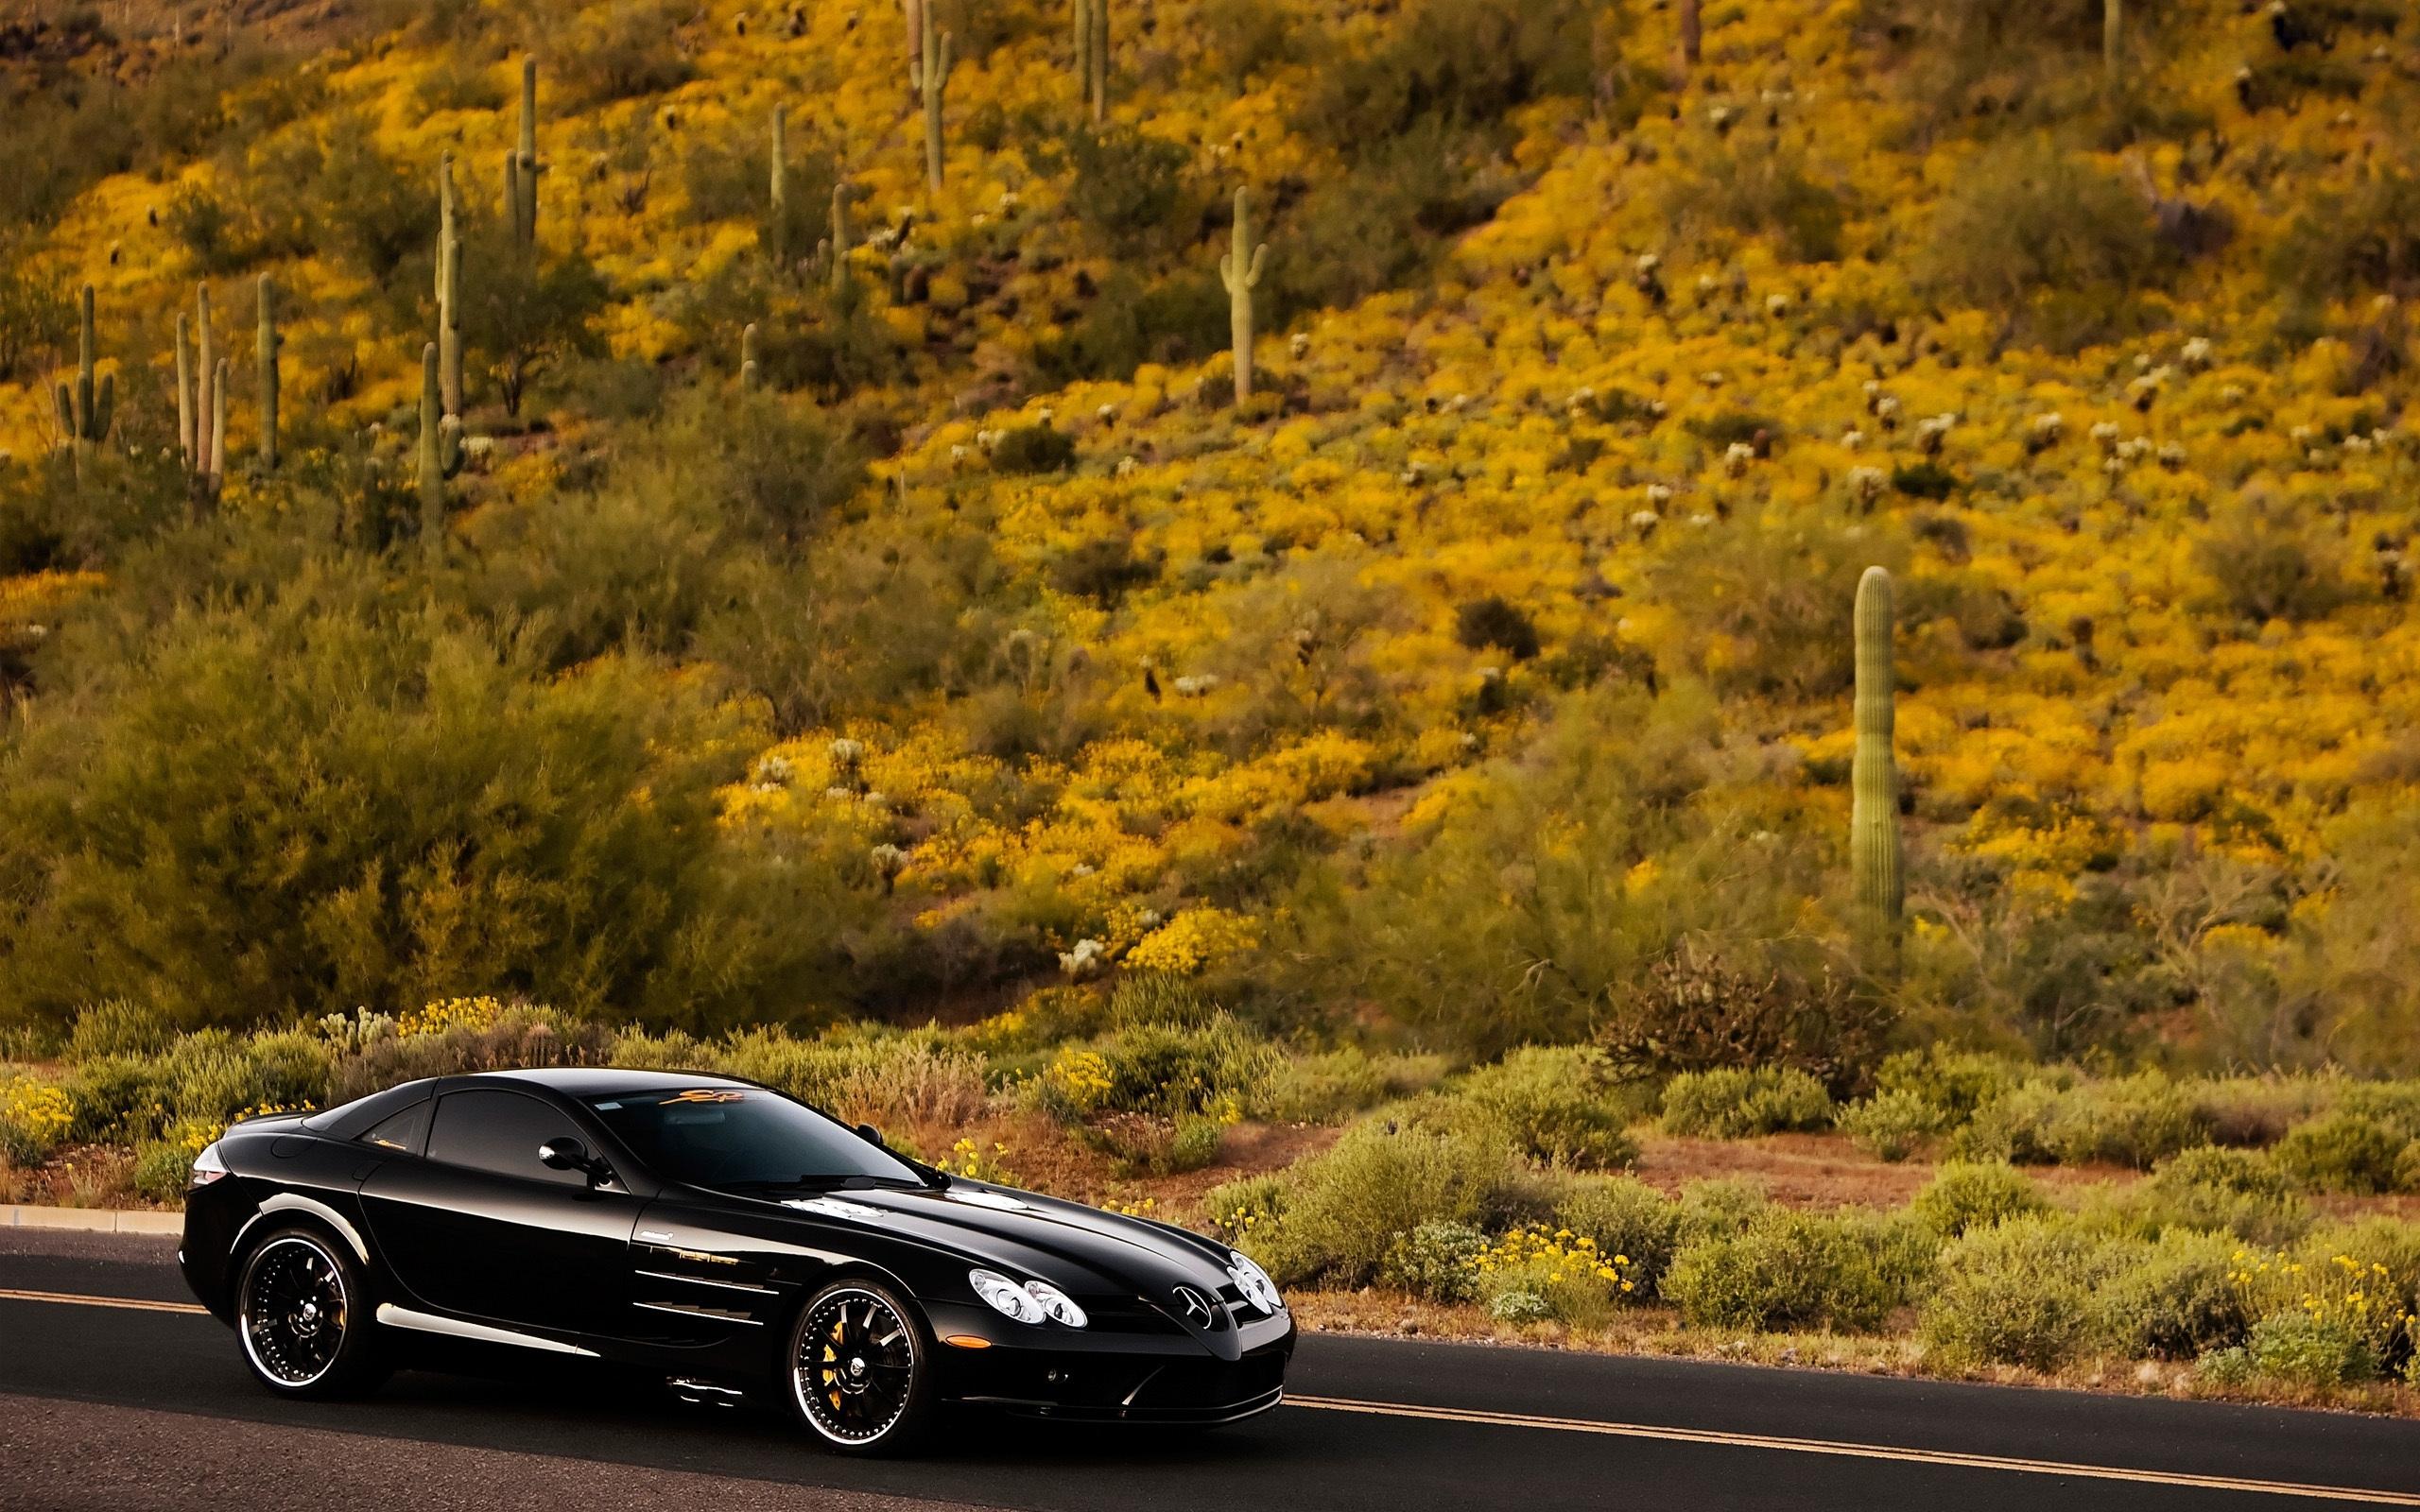 48769 скачать обои Транспорт, Пейзаж, Машины, Природа, Мерседес (Mercedes) - заставки и картинки бесплатно